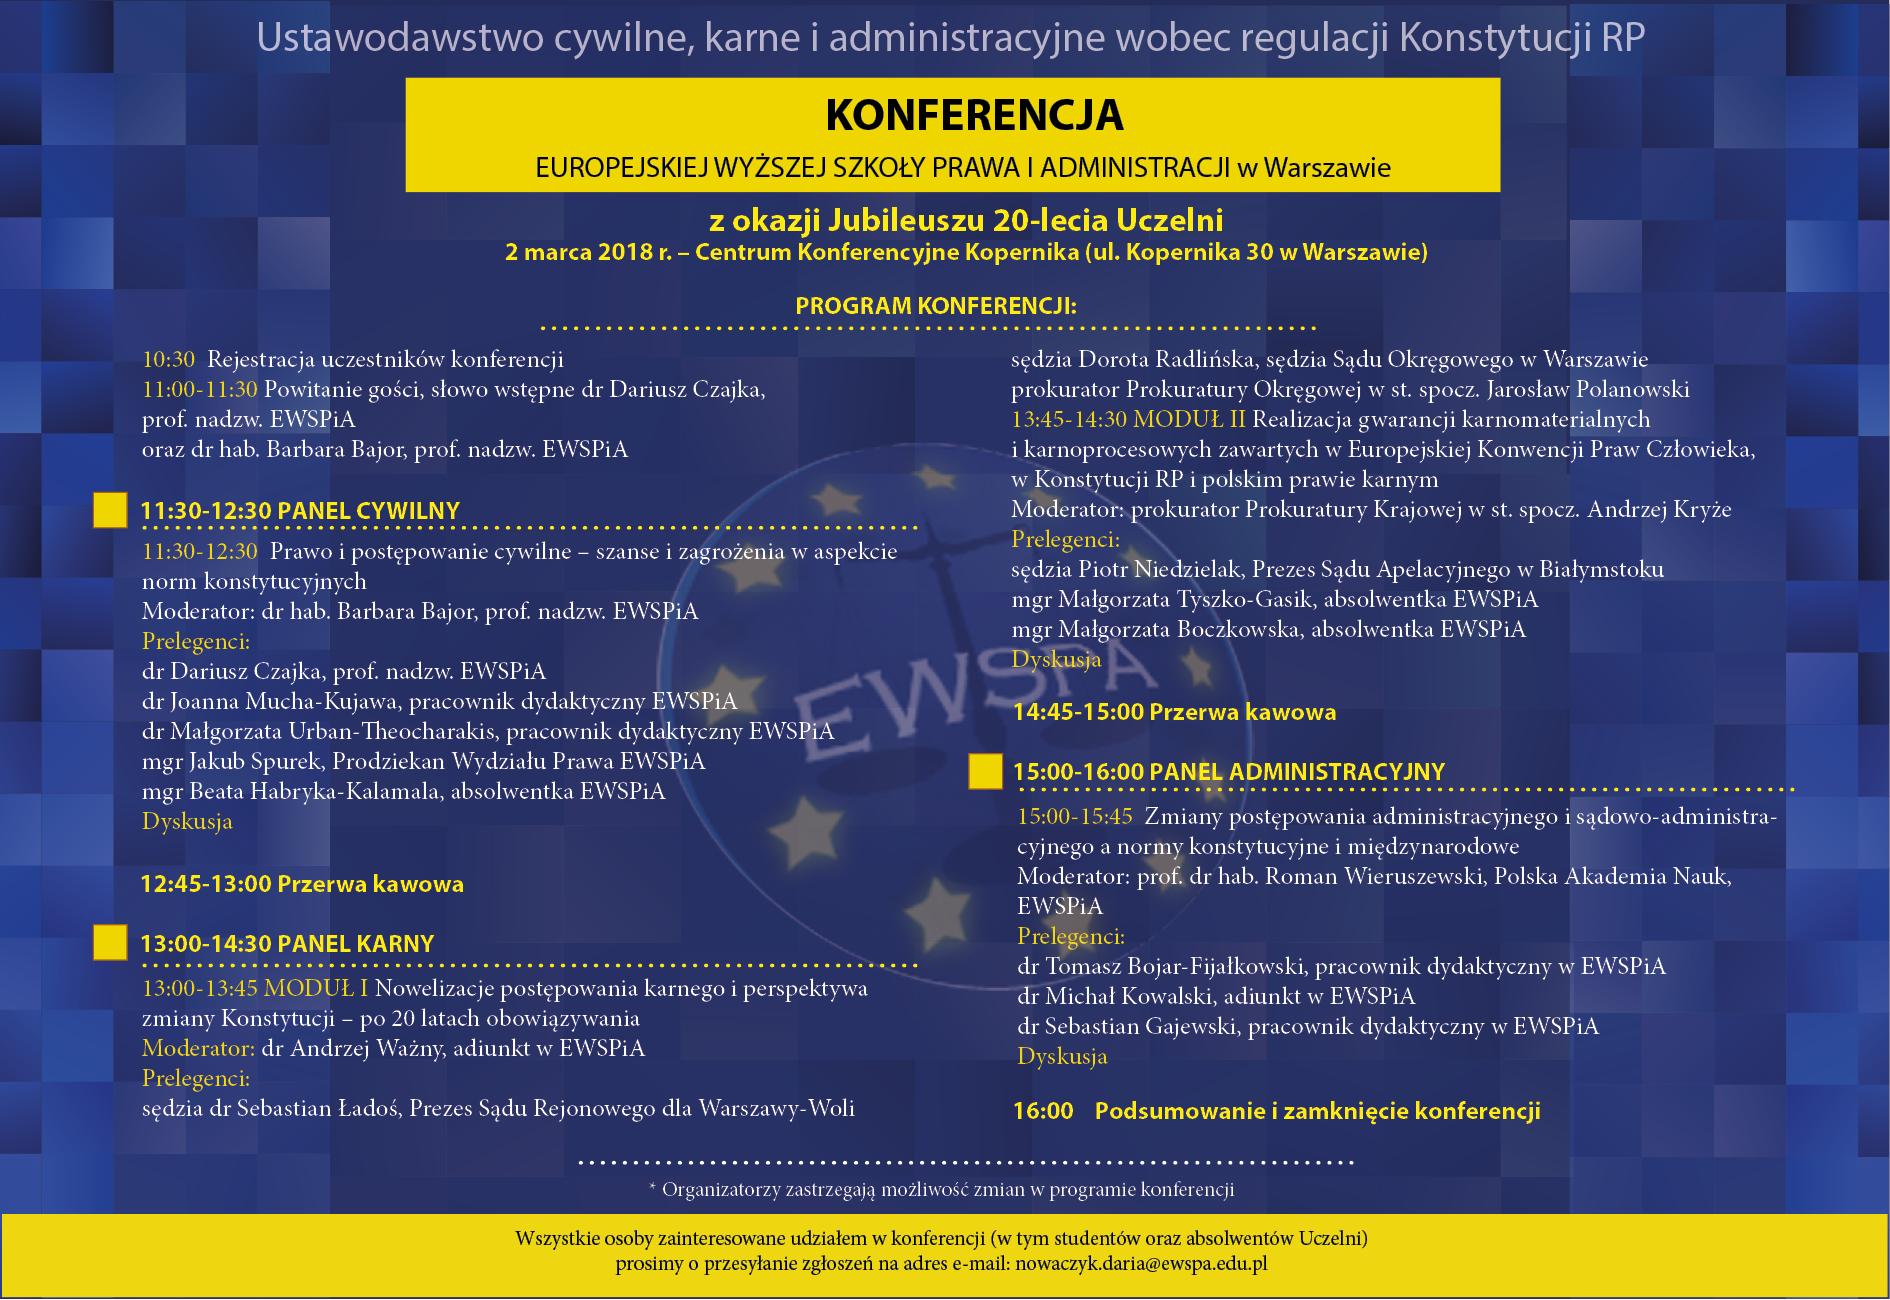 konferencja-4 (Ok)